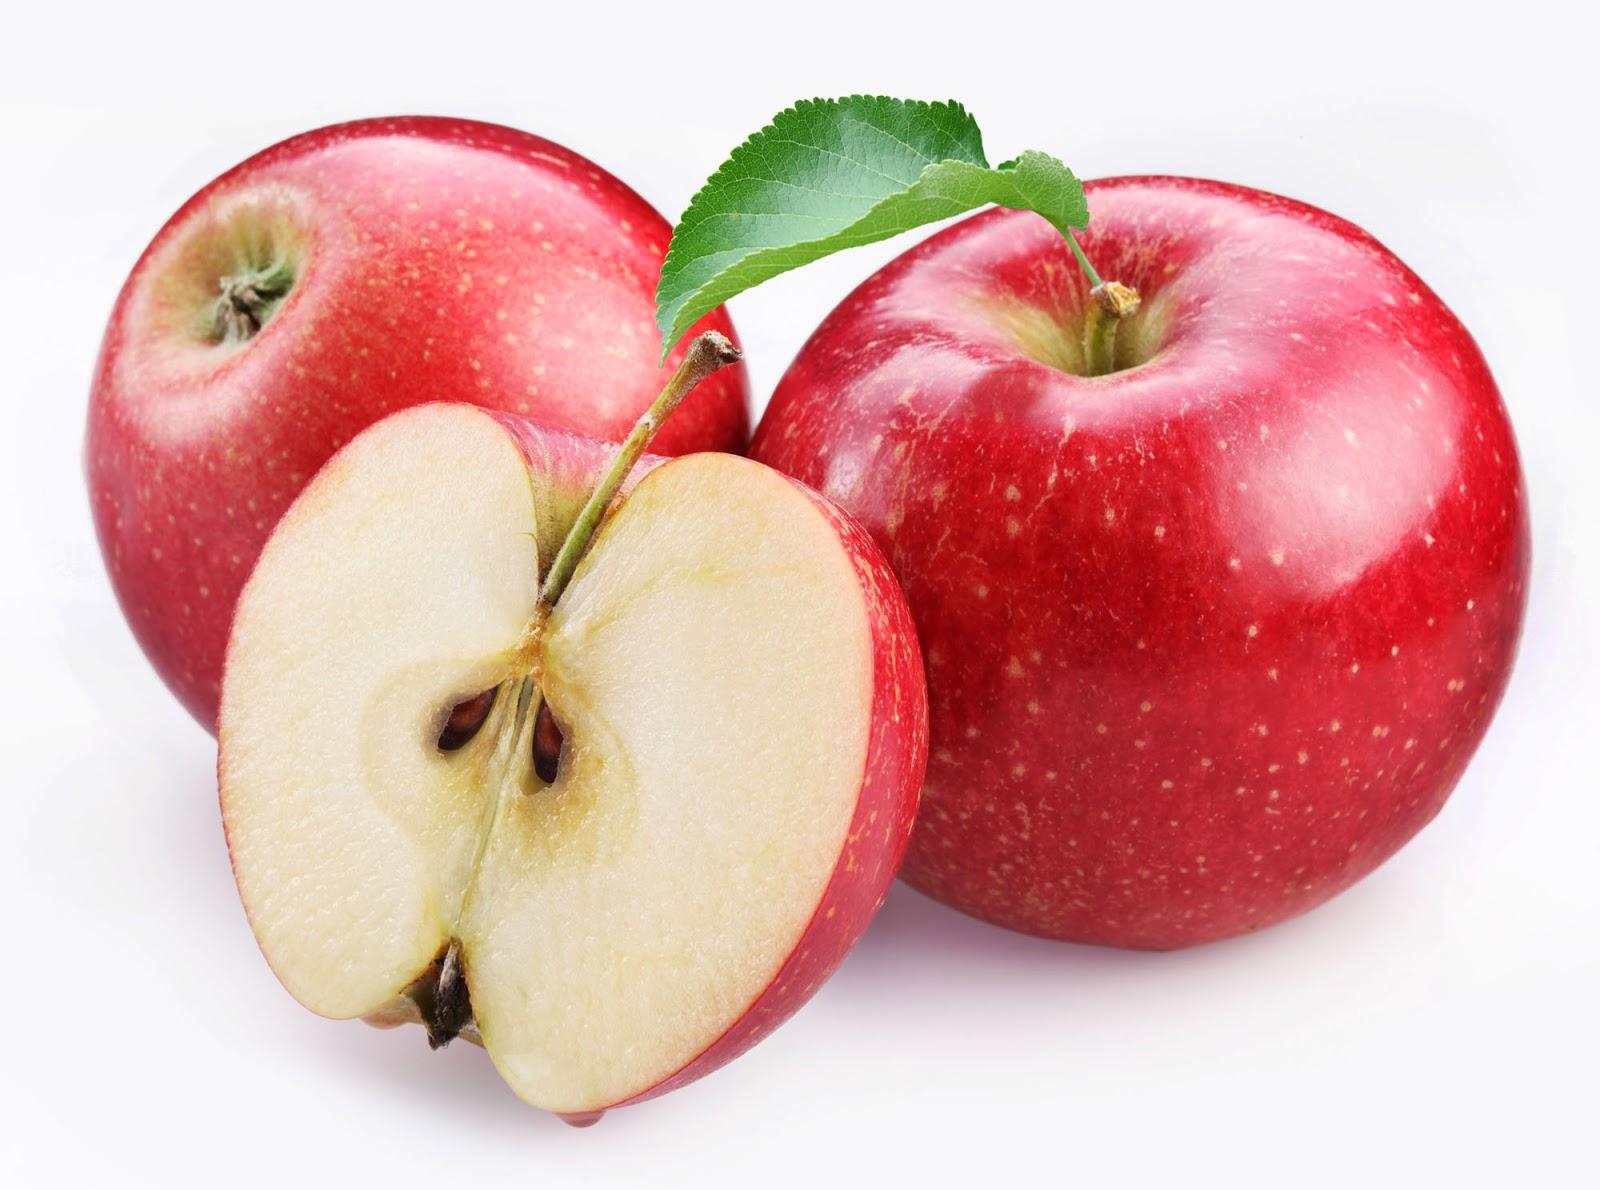 Plantas curativas y medicinales la manzana ayuda a - Pure de castanas y manzana ...